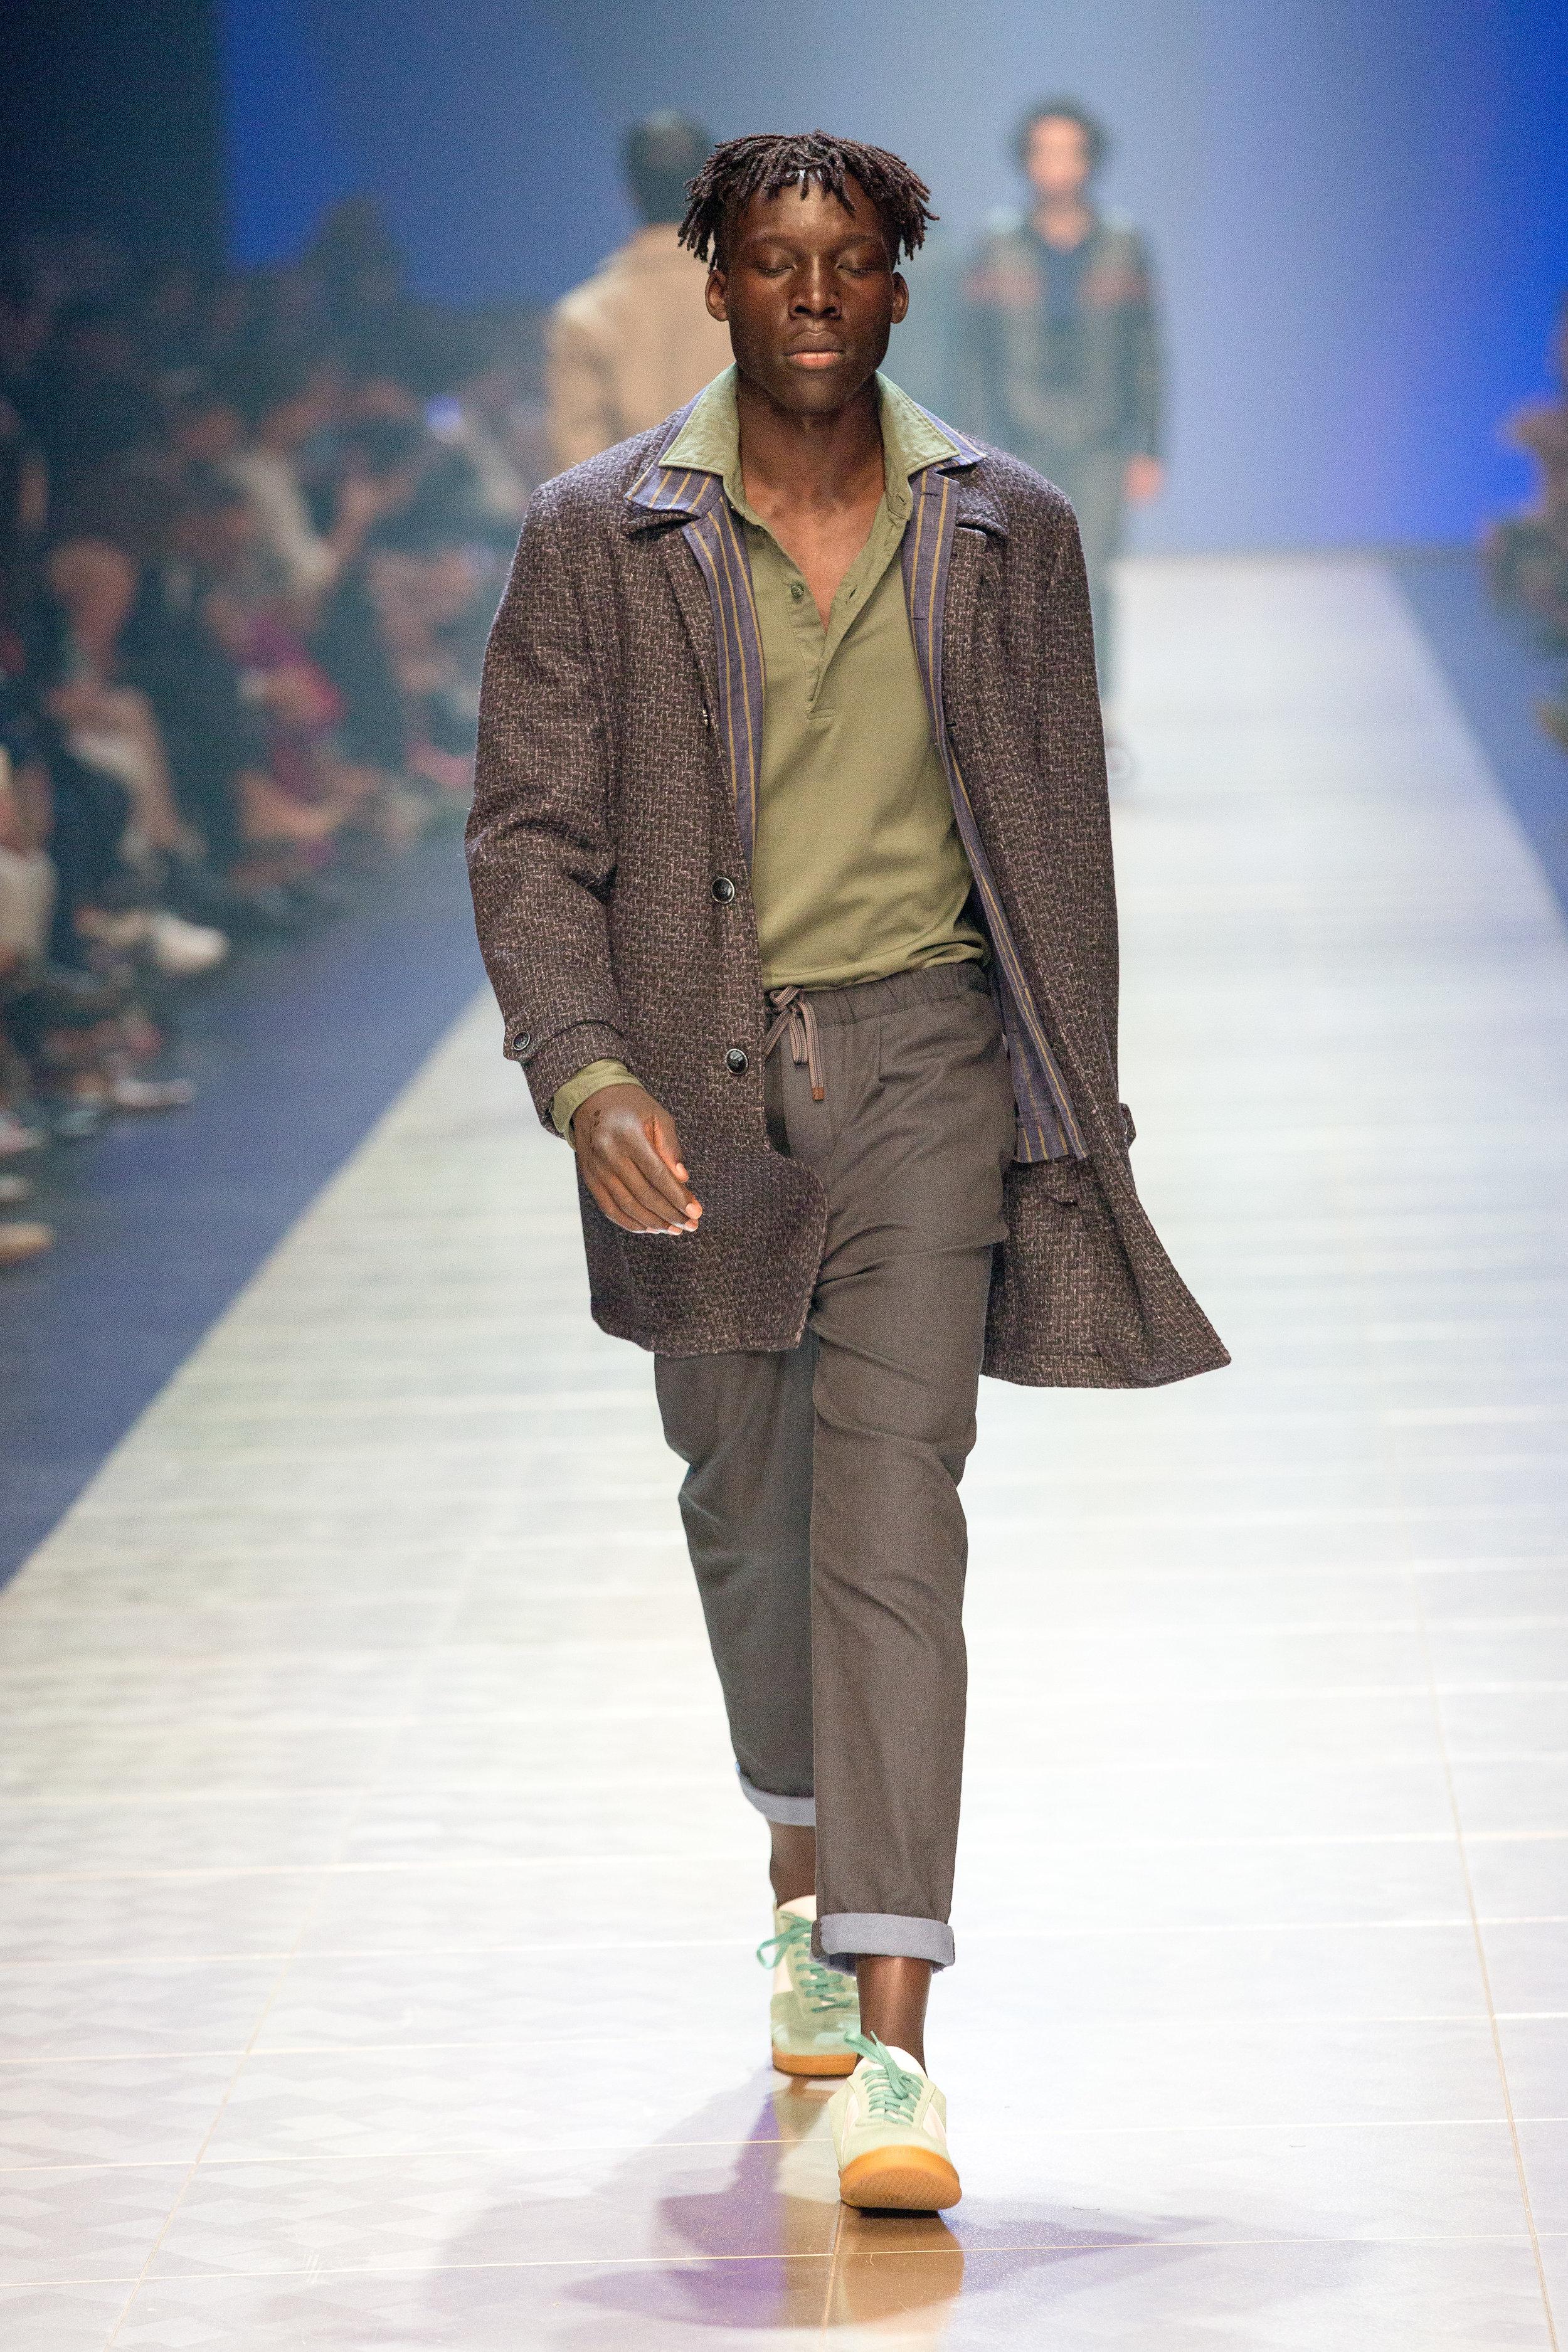 VAMFF2019_GQ Menswear-406.jpg